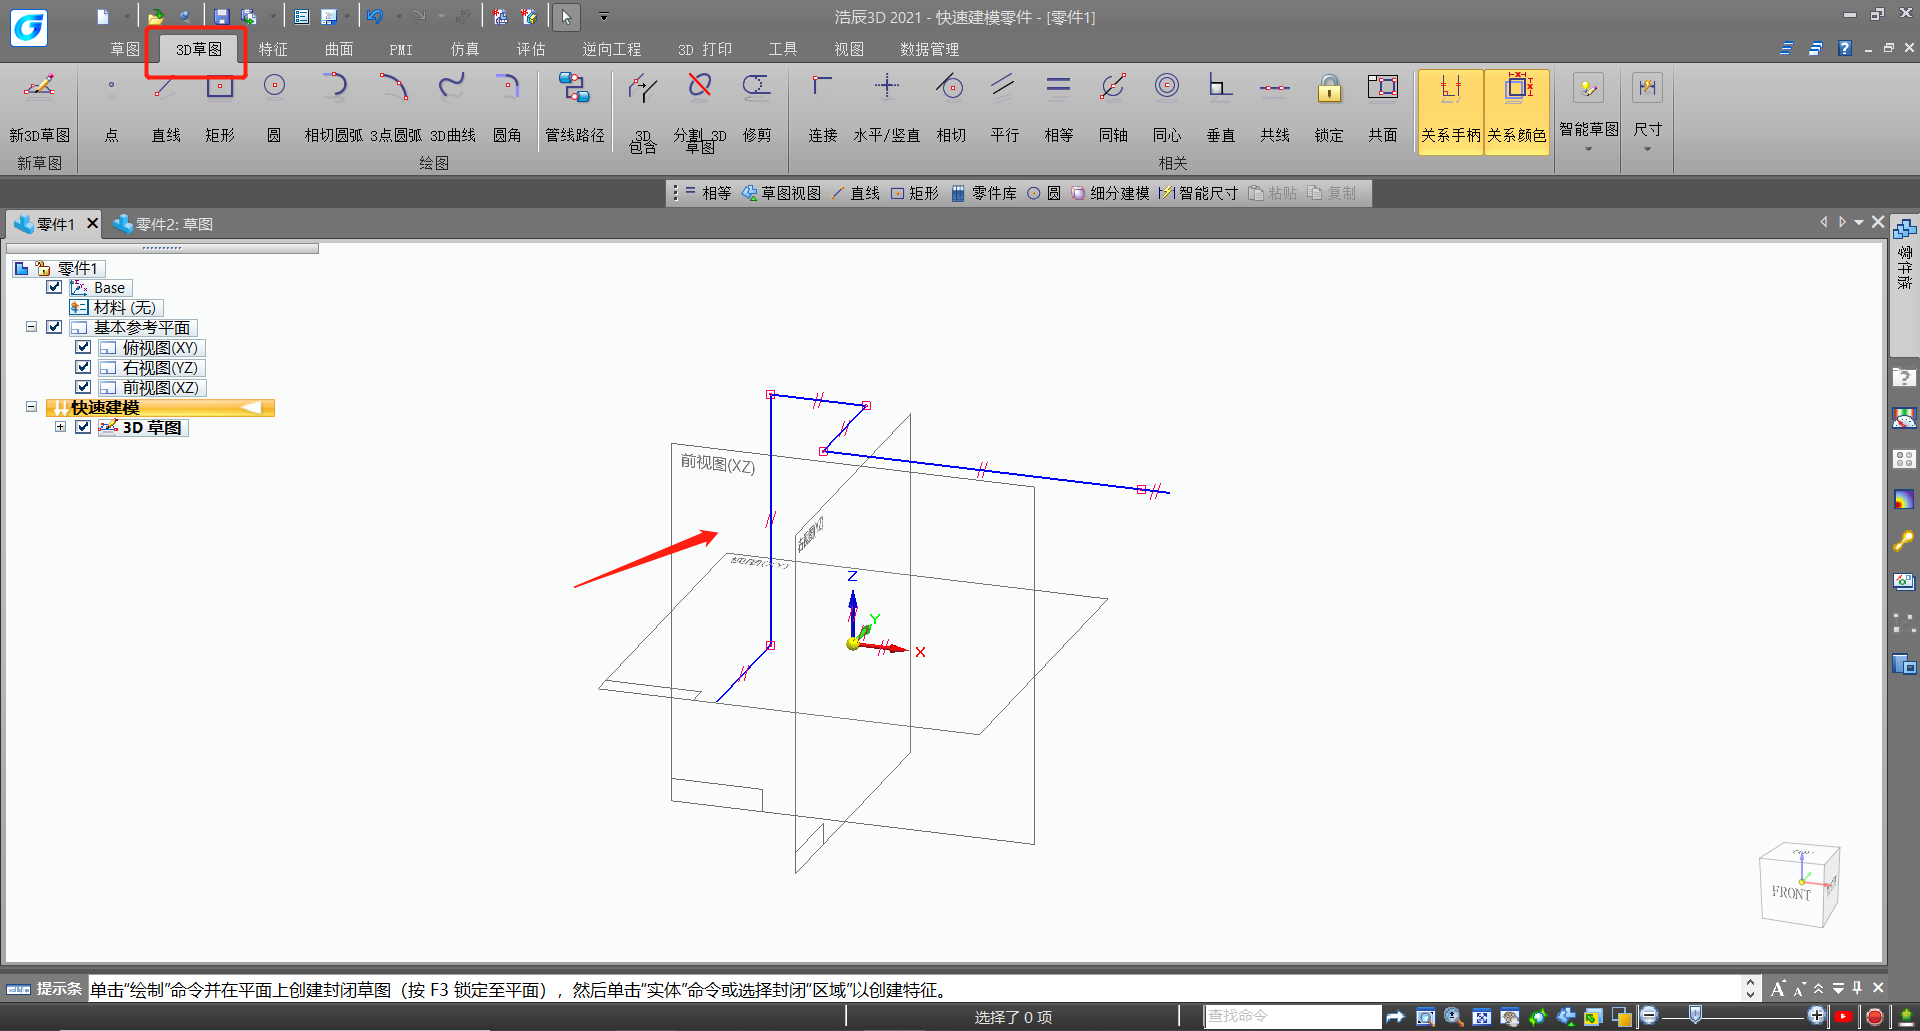 3D制图软件中怎么创建3D草图?3D草图创建教程